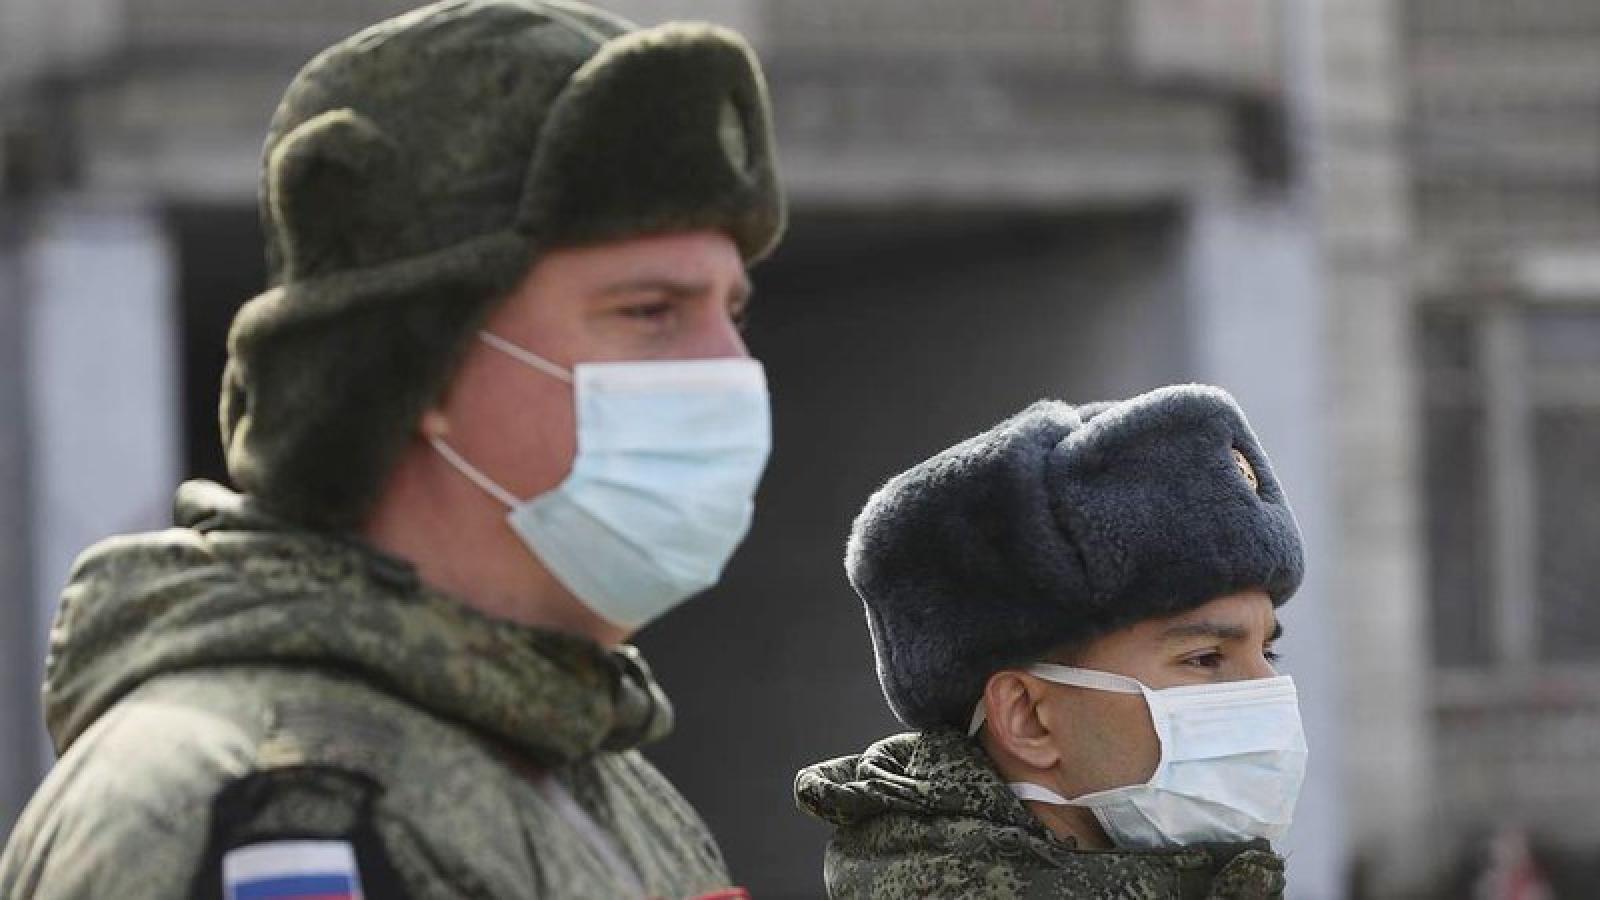 Gần 900 binh sỹ Nga được phát hiện nhiễm virus SARS-CoV-2